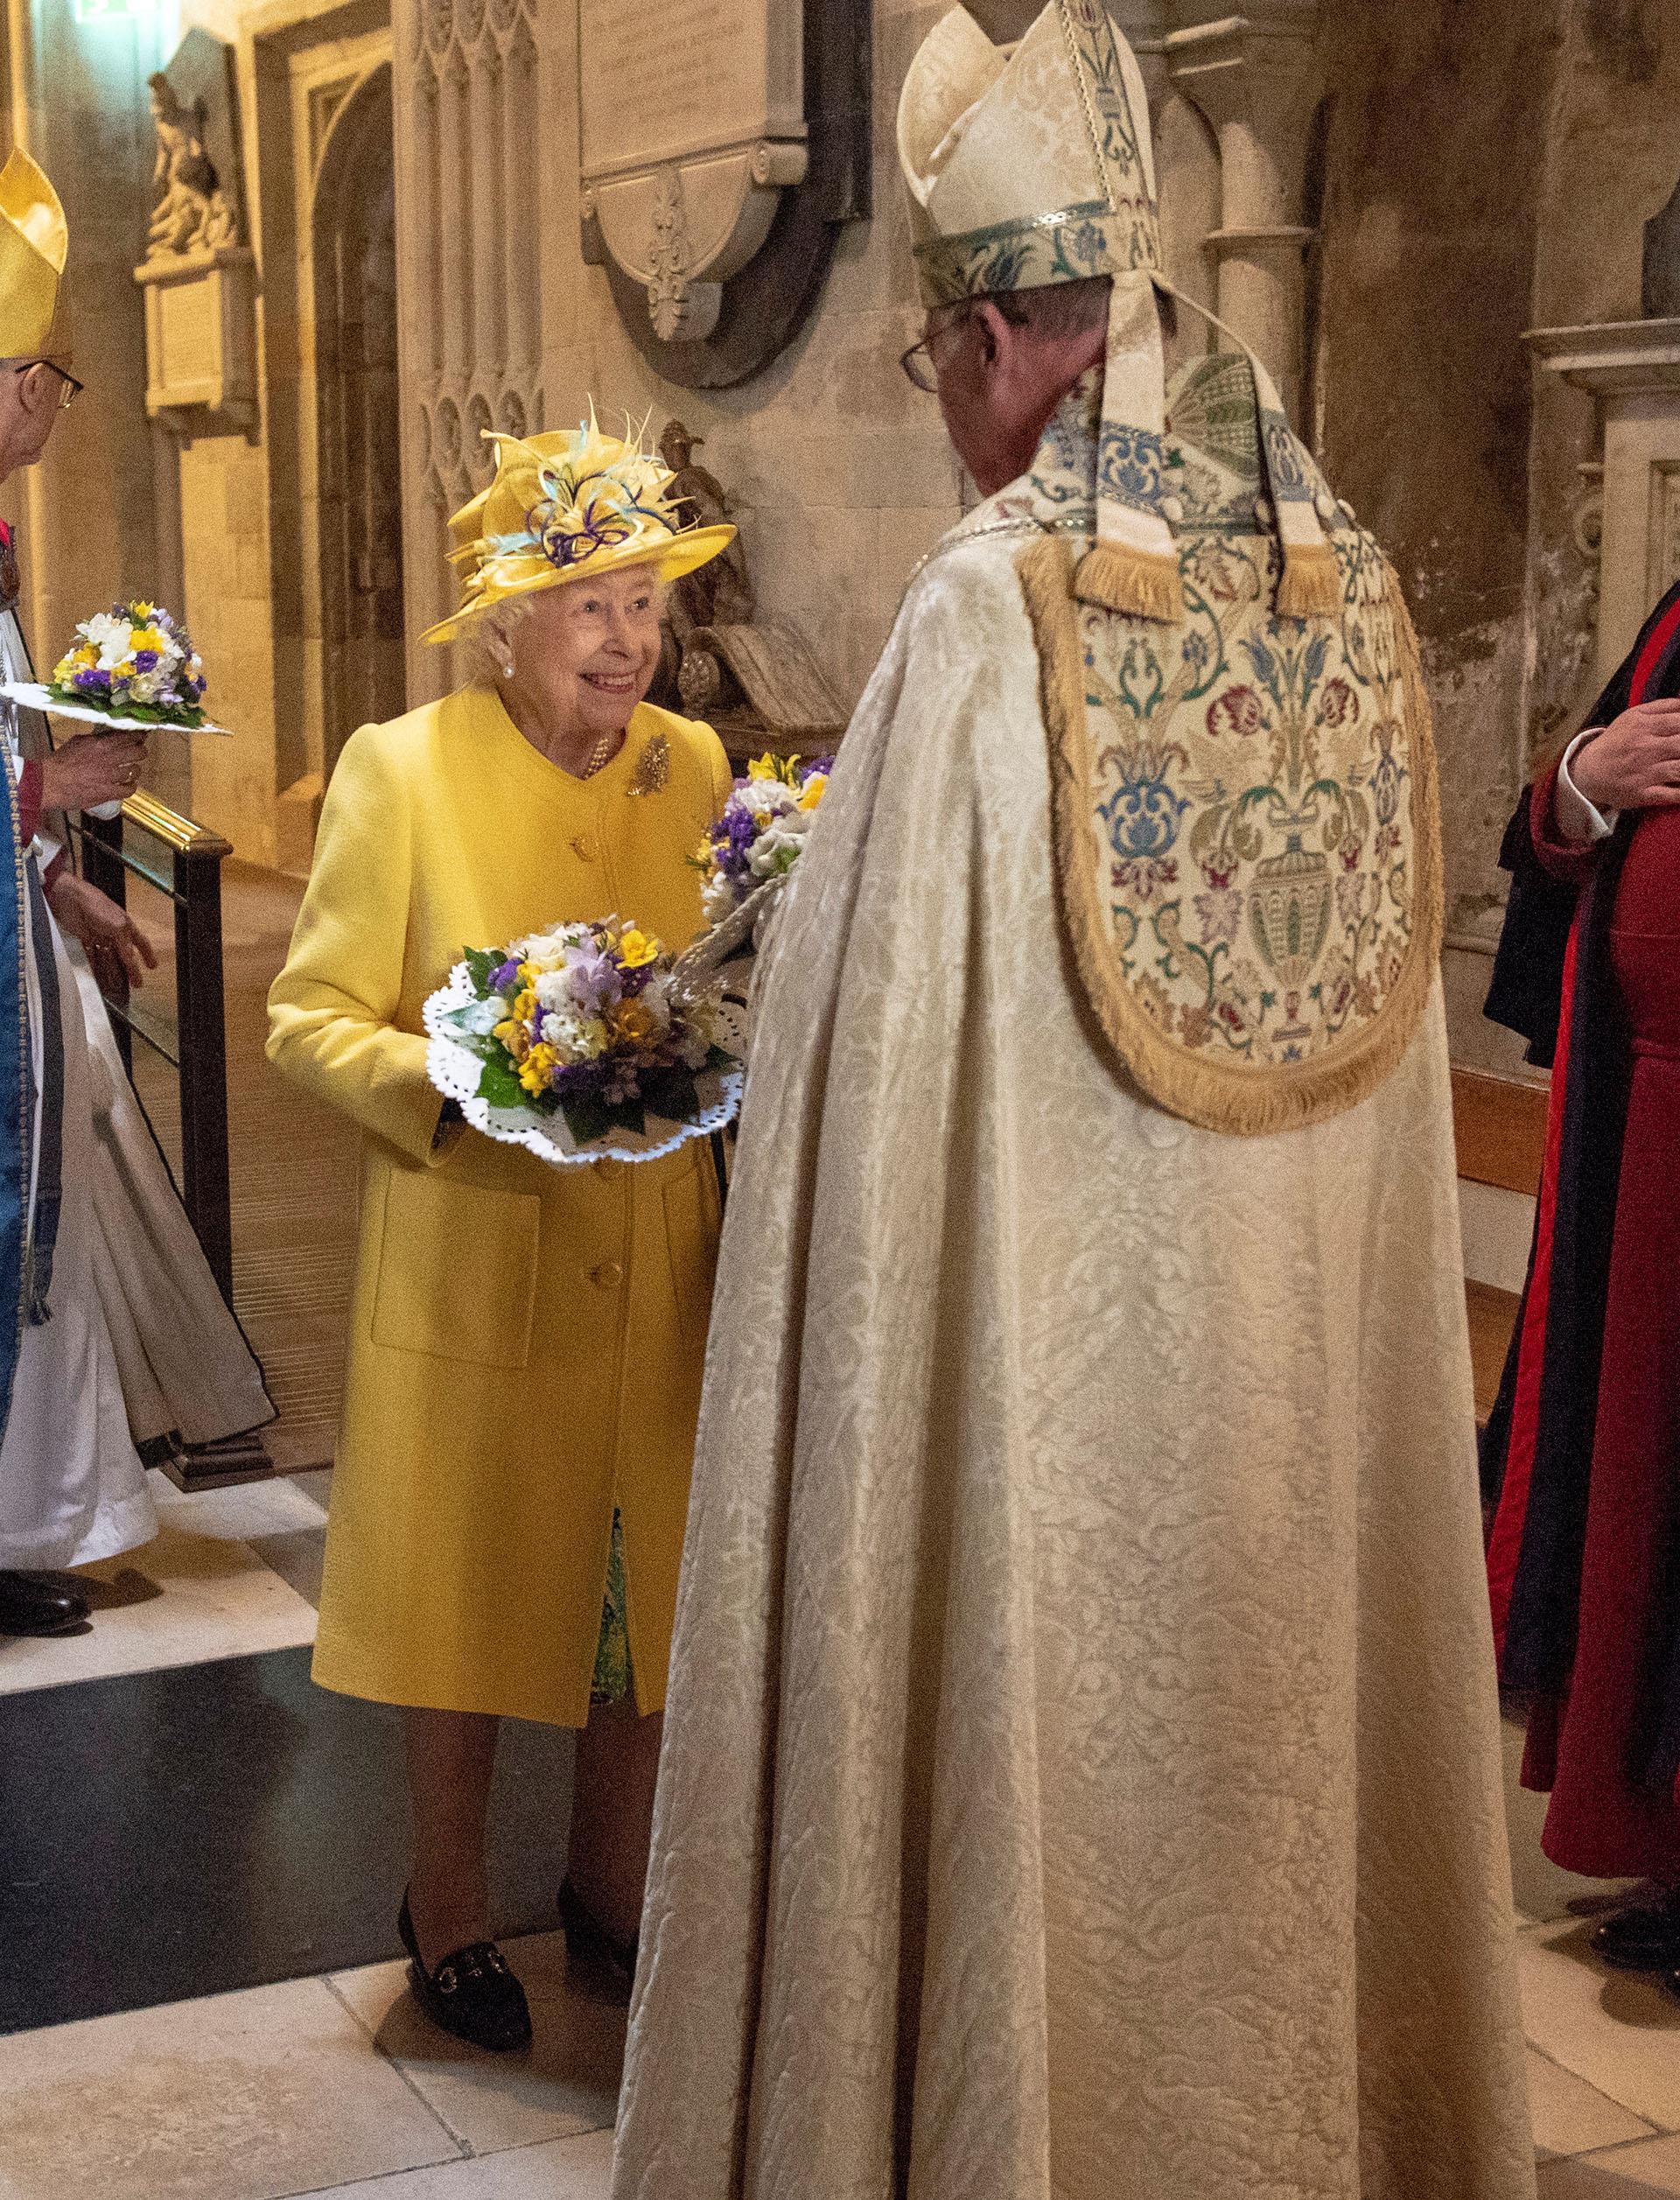 La reina Isabel se prepara para festejar su cumpleaños el próximo 21 de abril